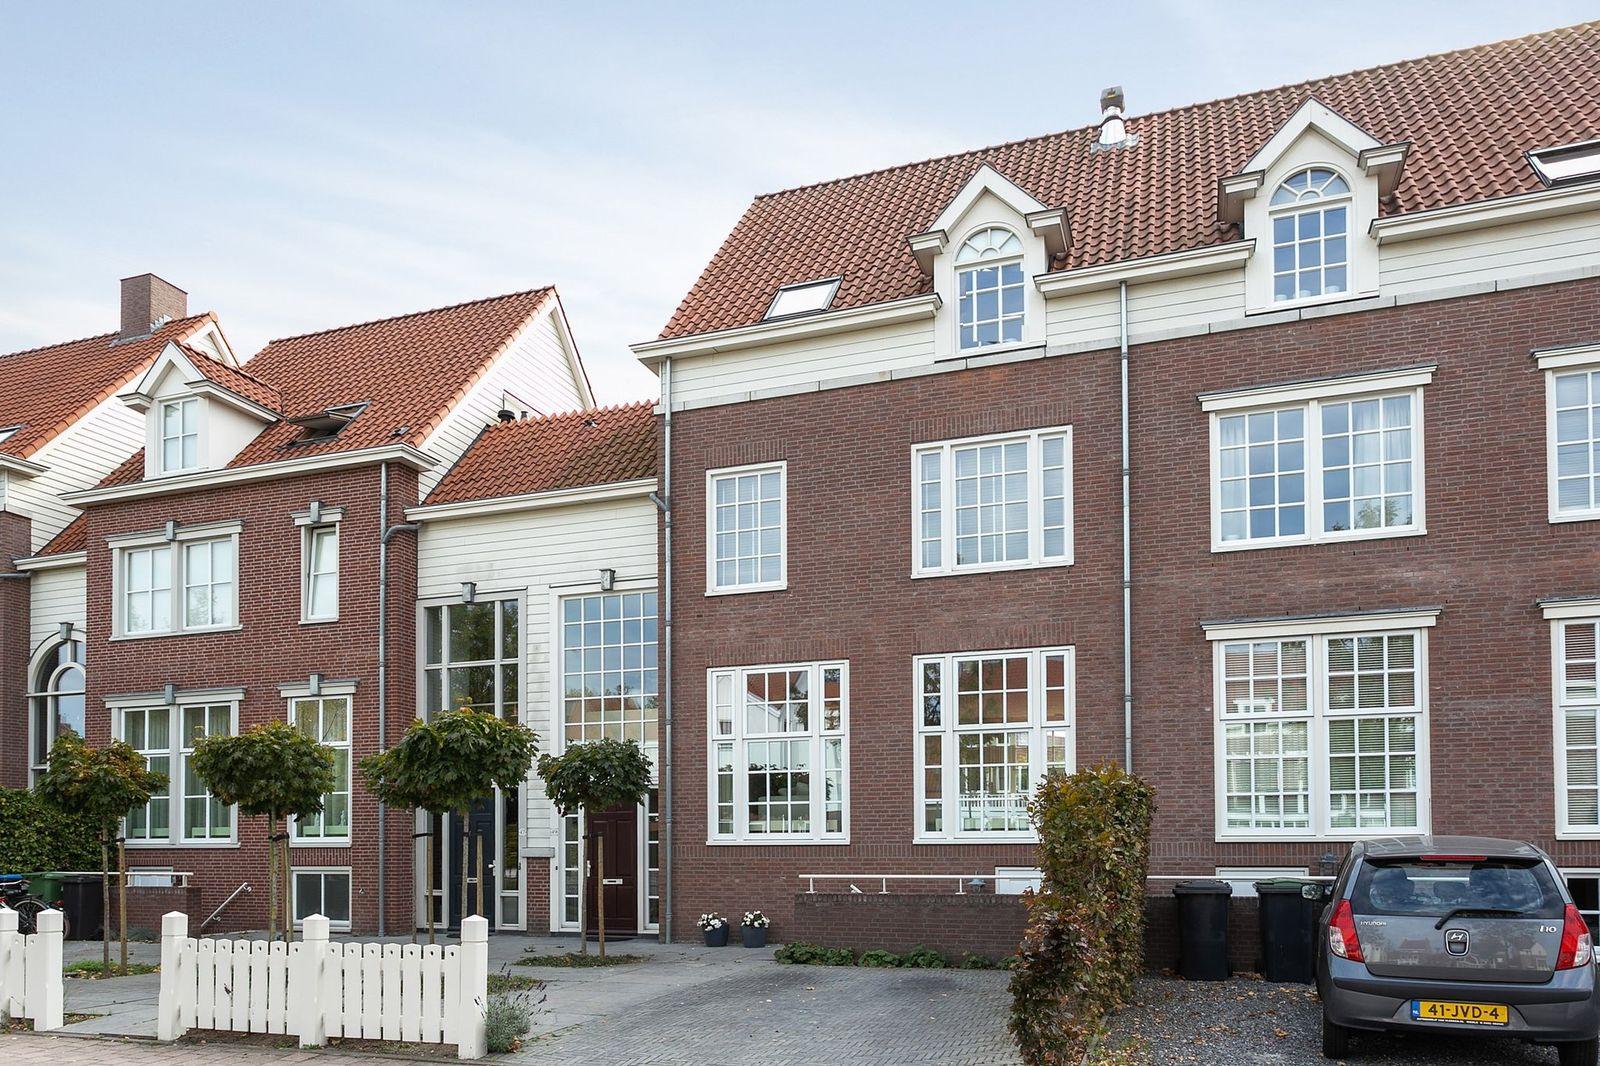 Stepekolk-Oost 49, Helmond